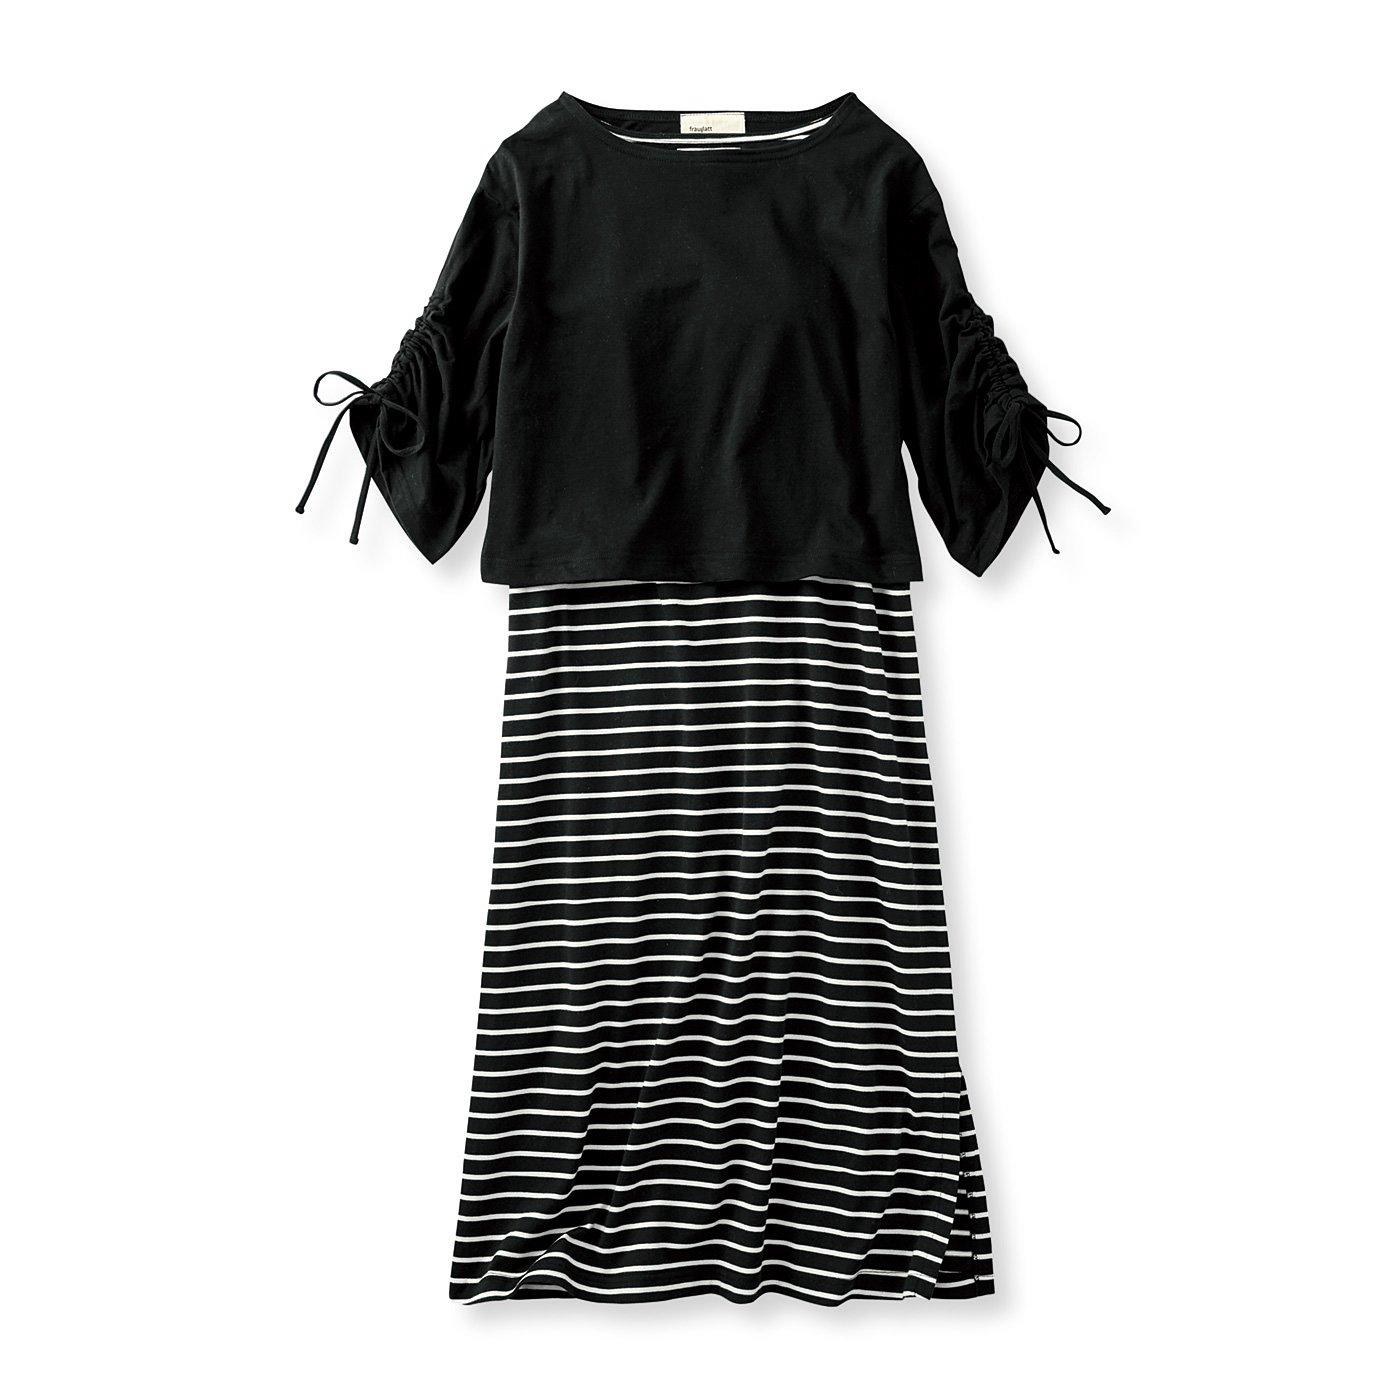 フラウグラット インナーメッシュでさわやか ブラカップ付きロングワンピ&七分袖Tシャツセット〈ブラック〉